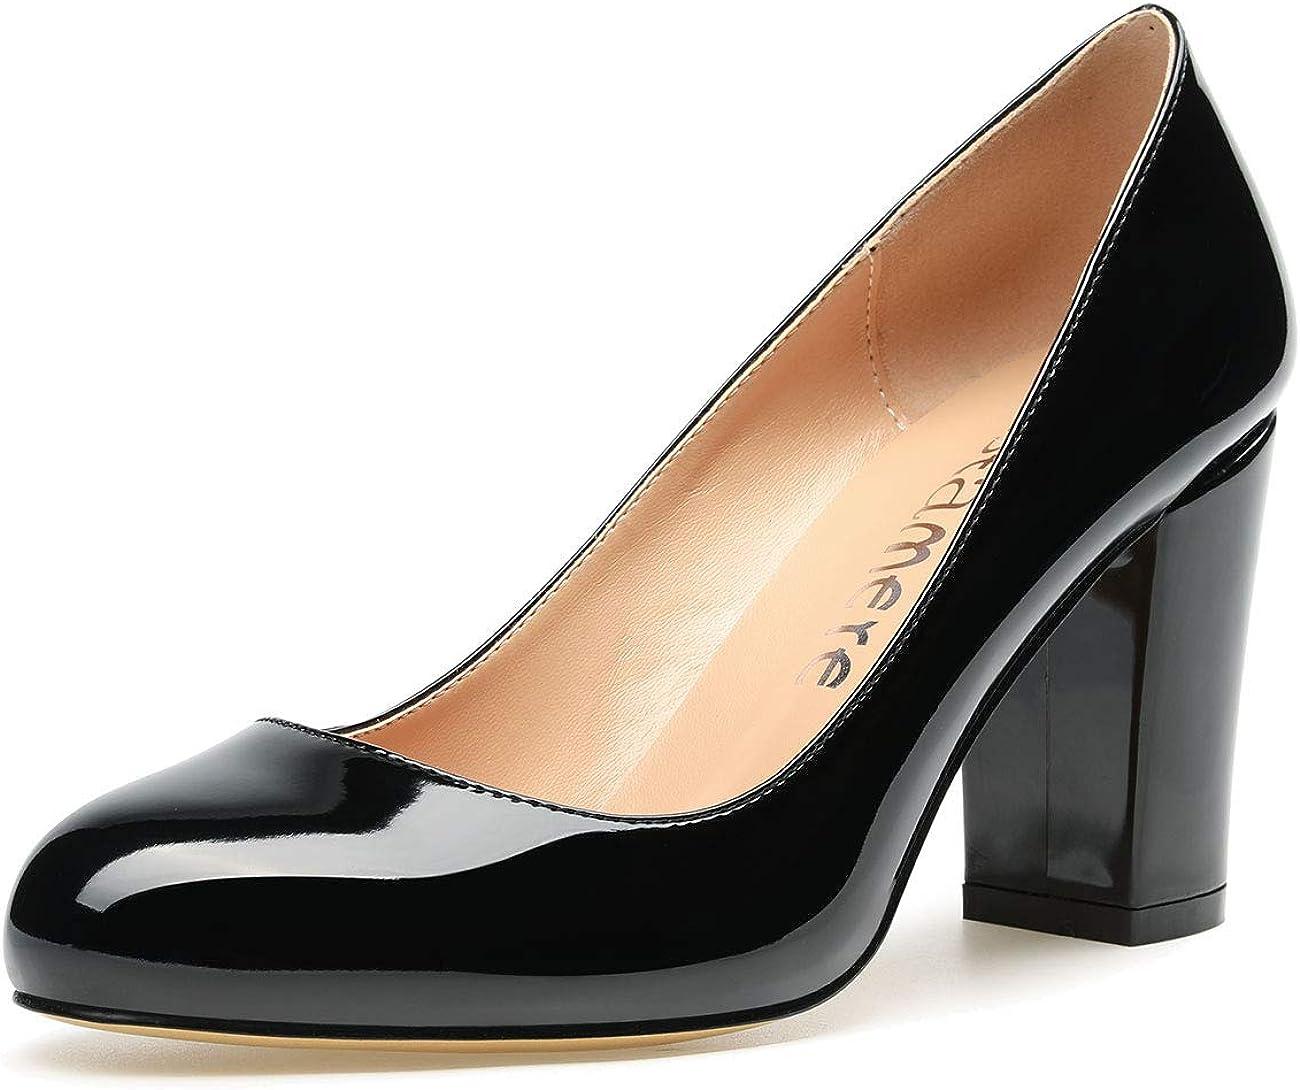 CASTAMERE Women's High Heels Round Toe Slip-On Pumps Block Heel 8CM